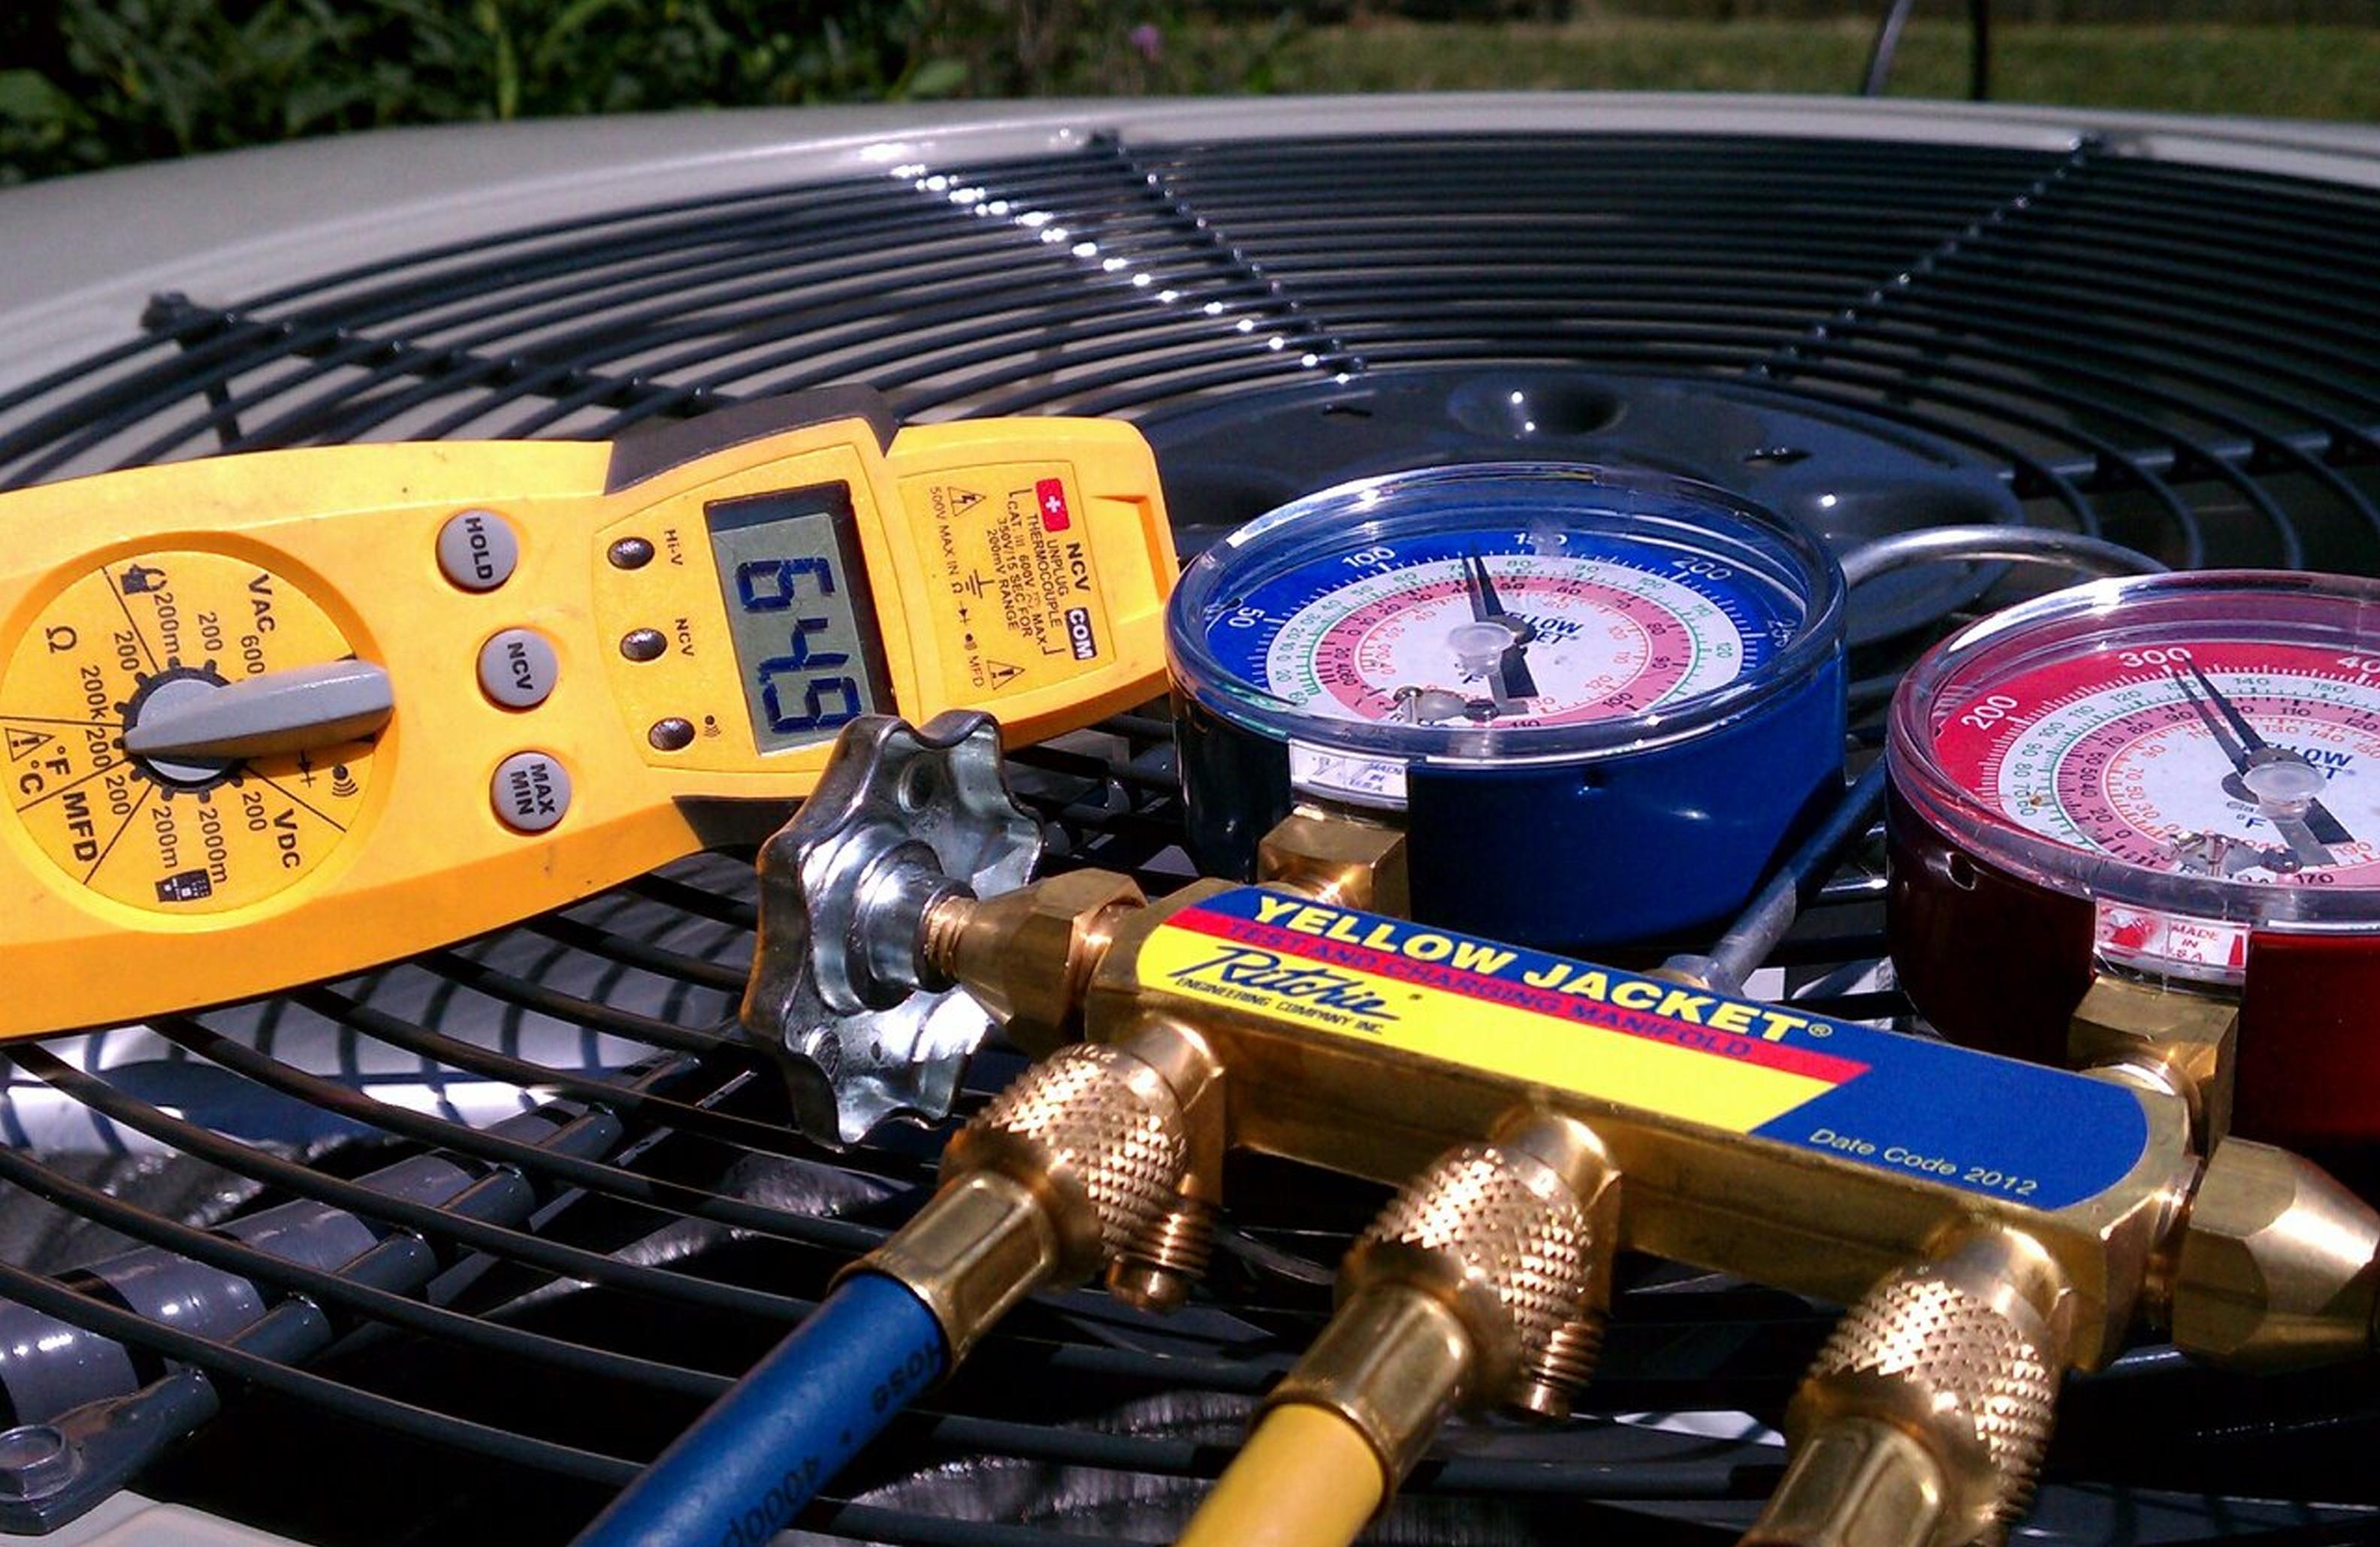 Professional Air Conditioning Repair